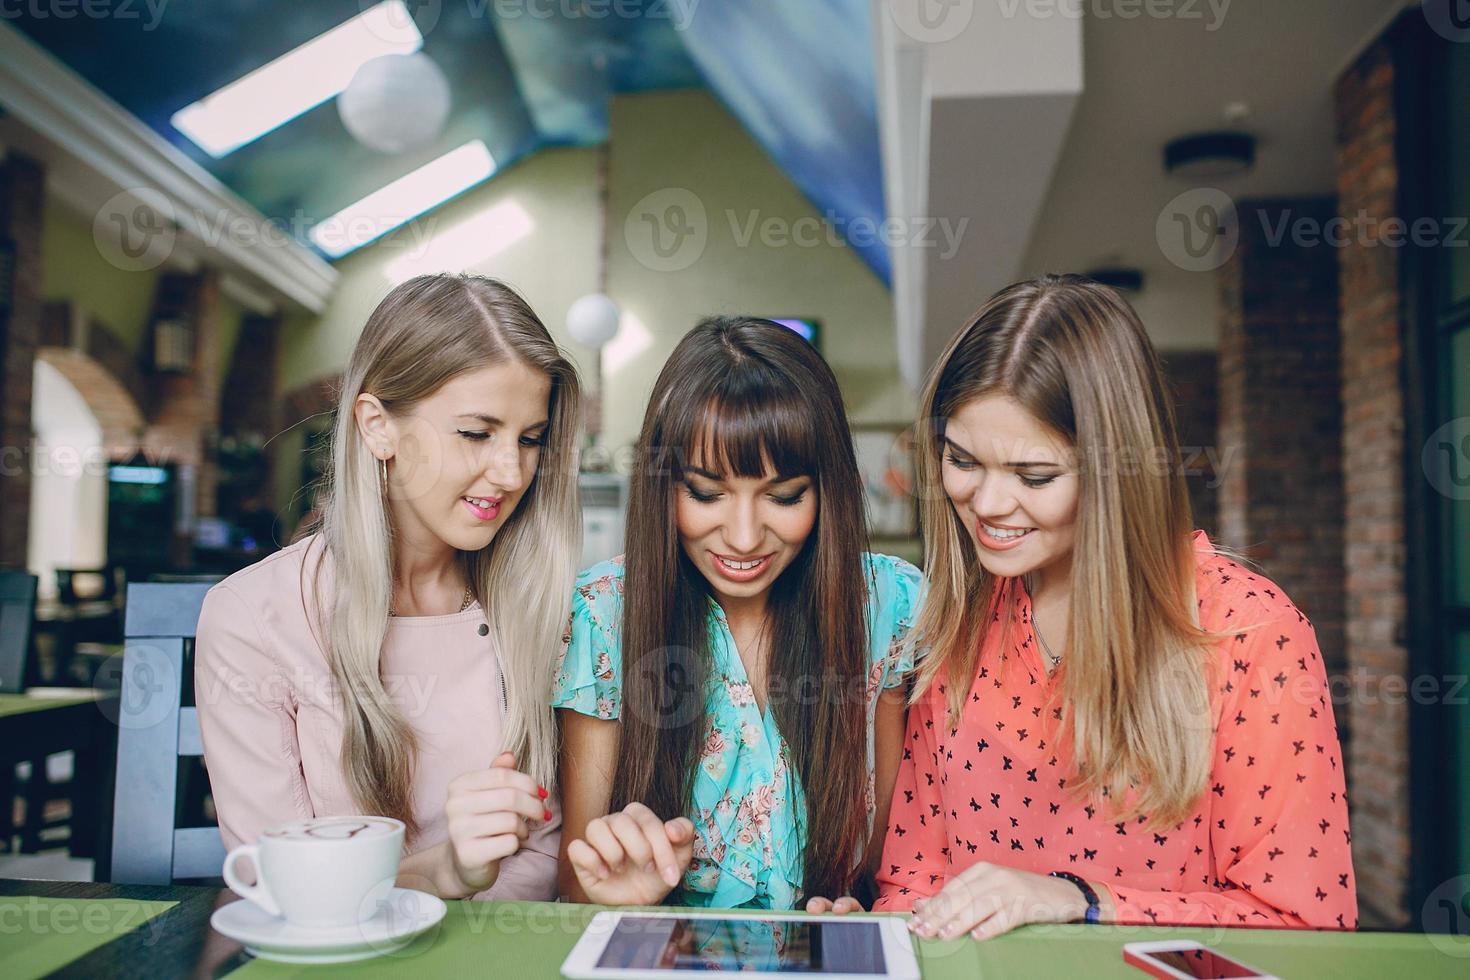 ragazze con i telefoni foto